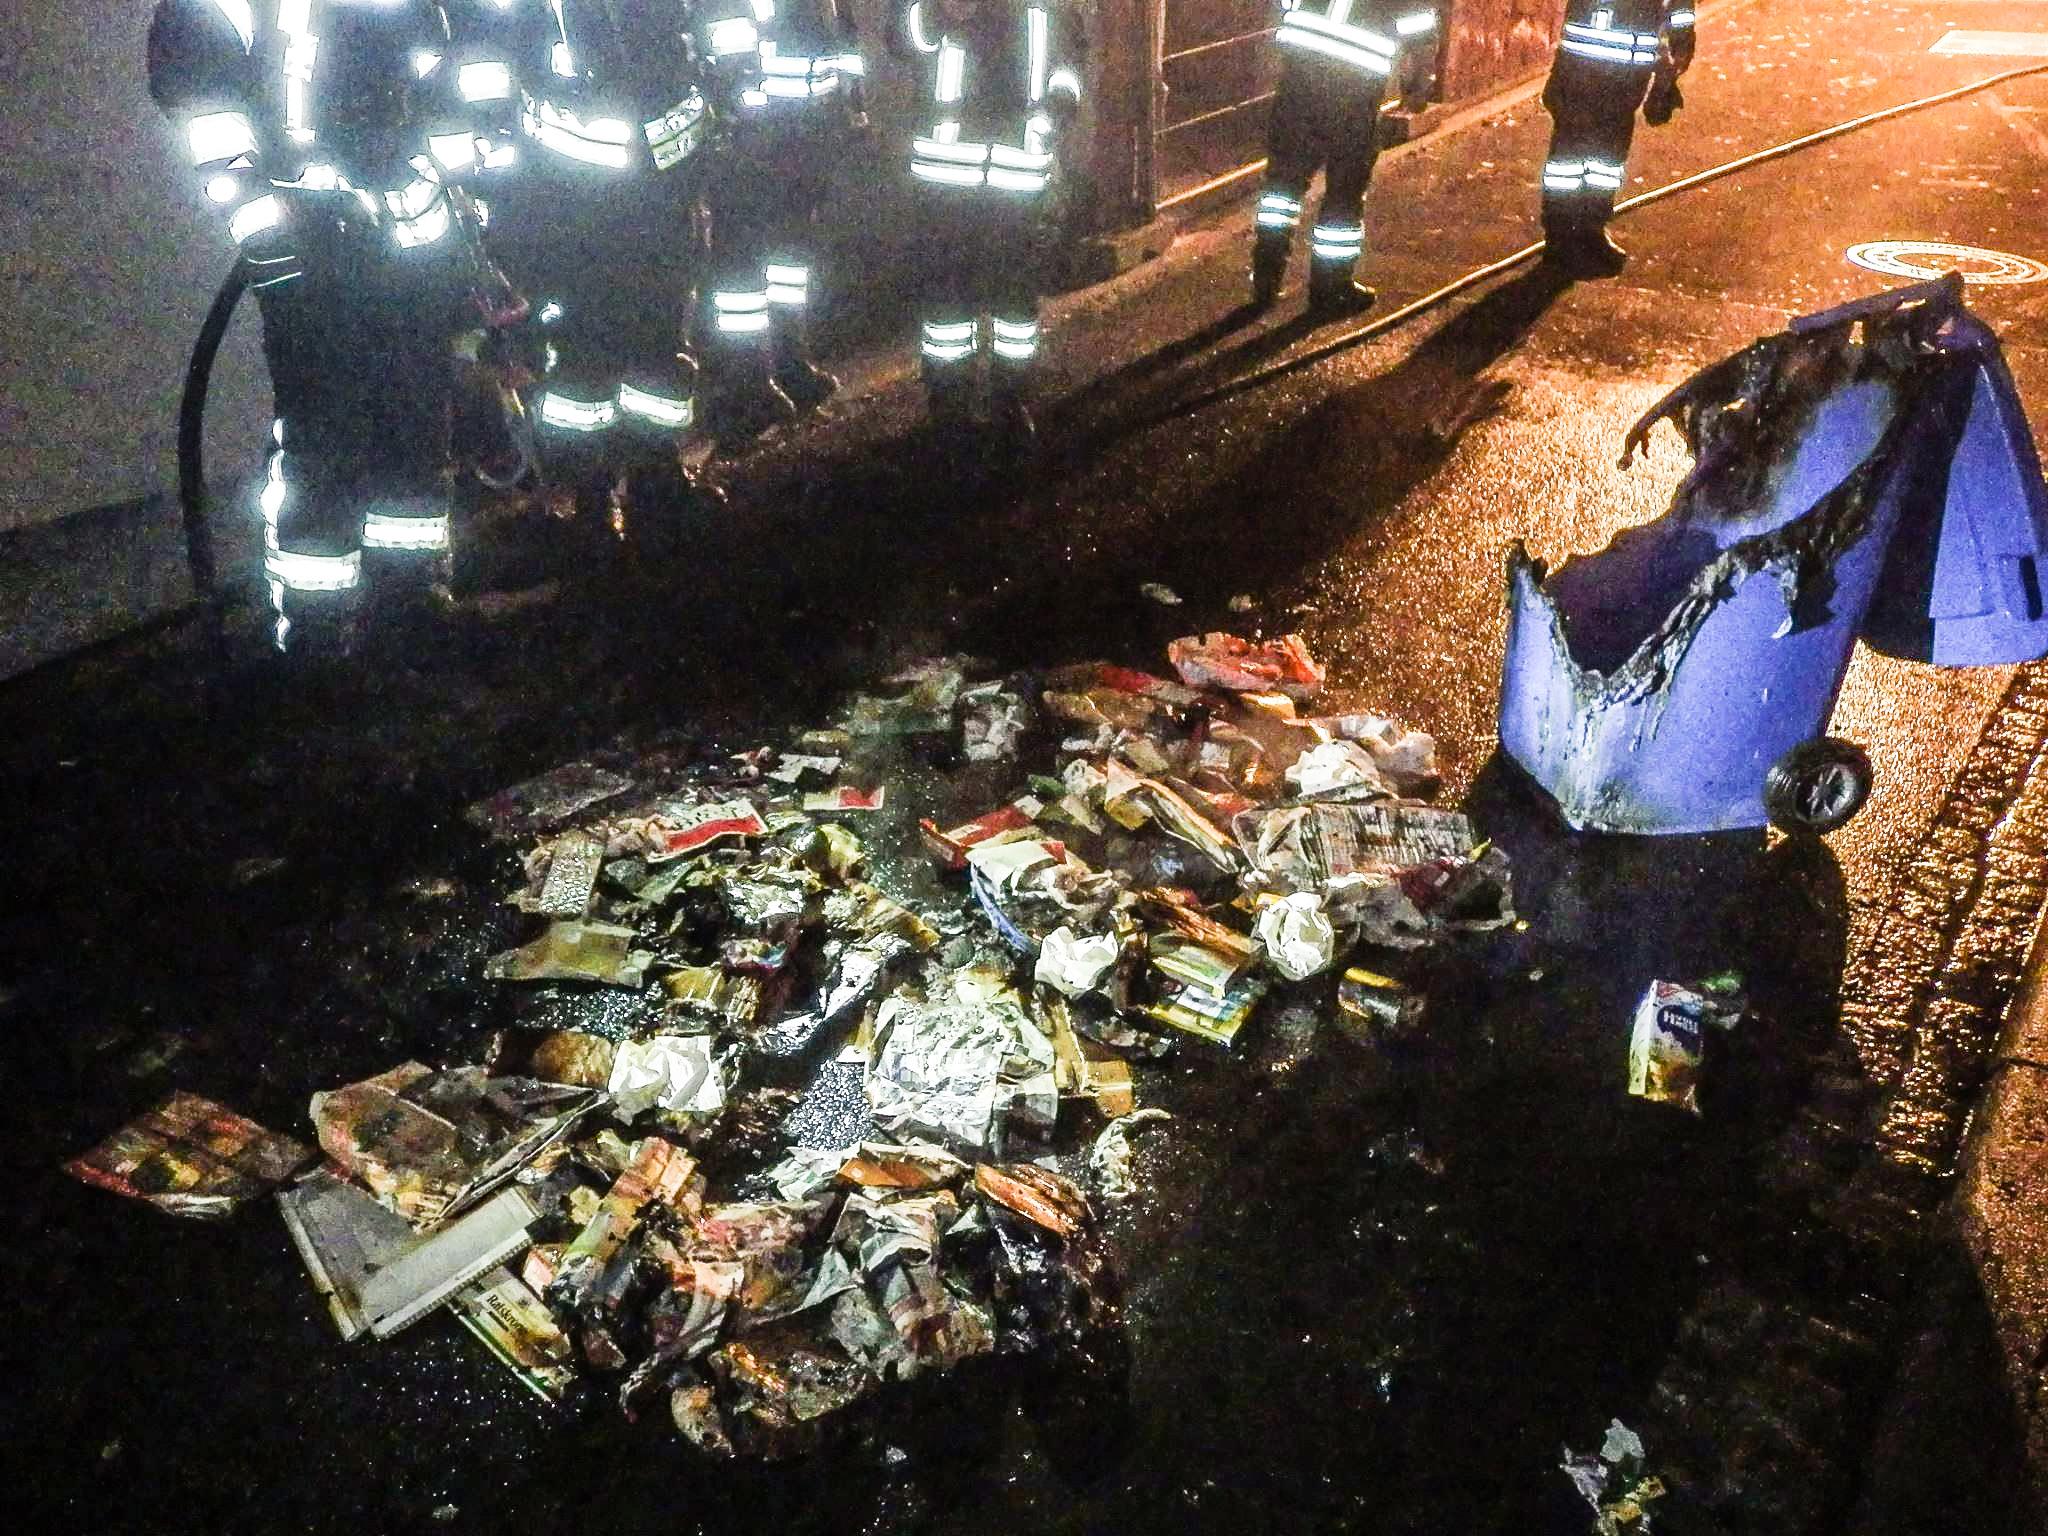 Zuerst rückte die Feuerwehr wegen eines brennenden Müllsacks aus. Wenig später brannte eine Mülltonne in der Hauptstraße. Foto: Freiwillige Feuerwehr Zell am Main.